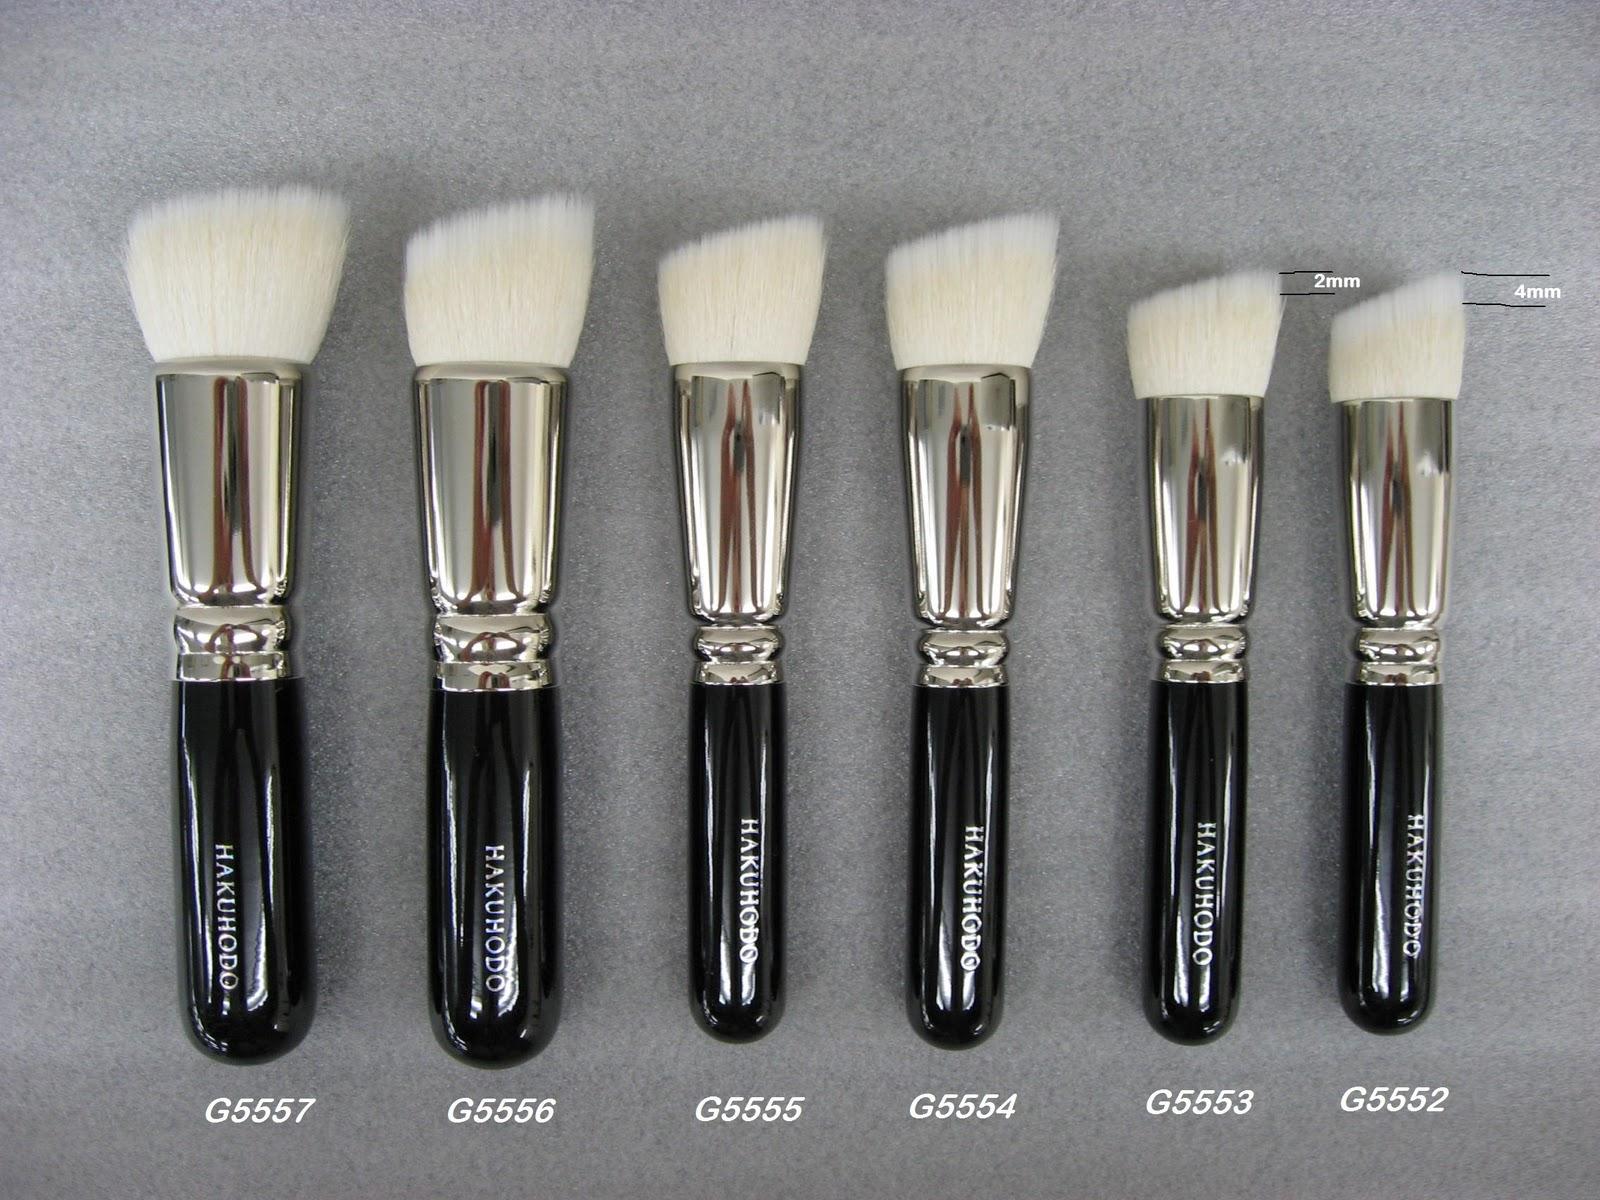 Are Hakuhodo Brushes Natural Hairs